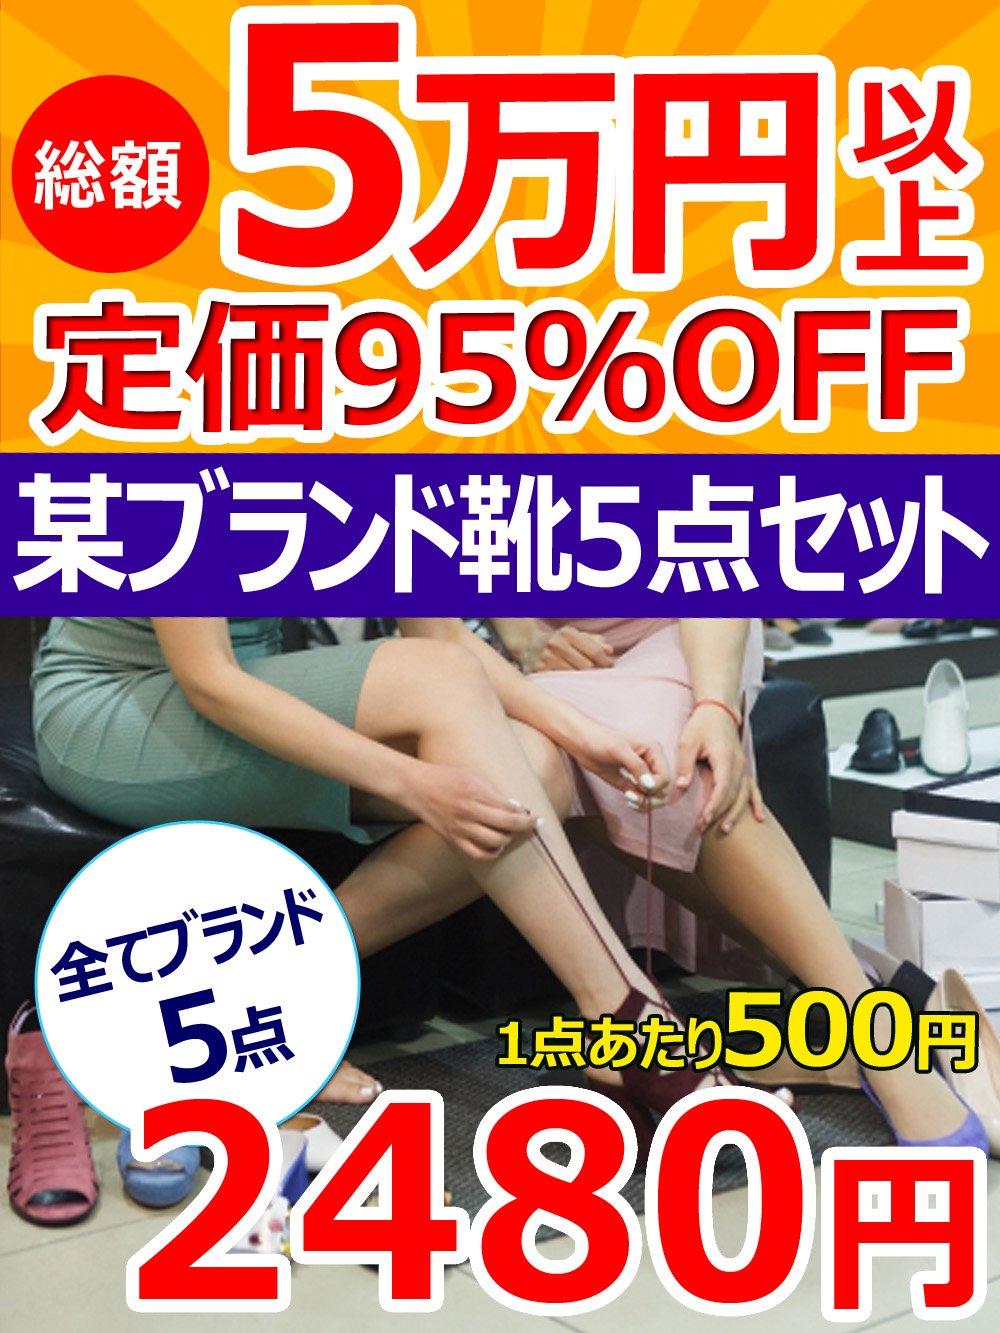 【総額5万円以上確定!!】定価95%OFF 某ブランド  靴 【5点】@500